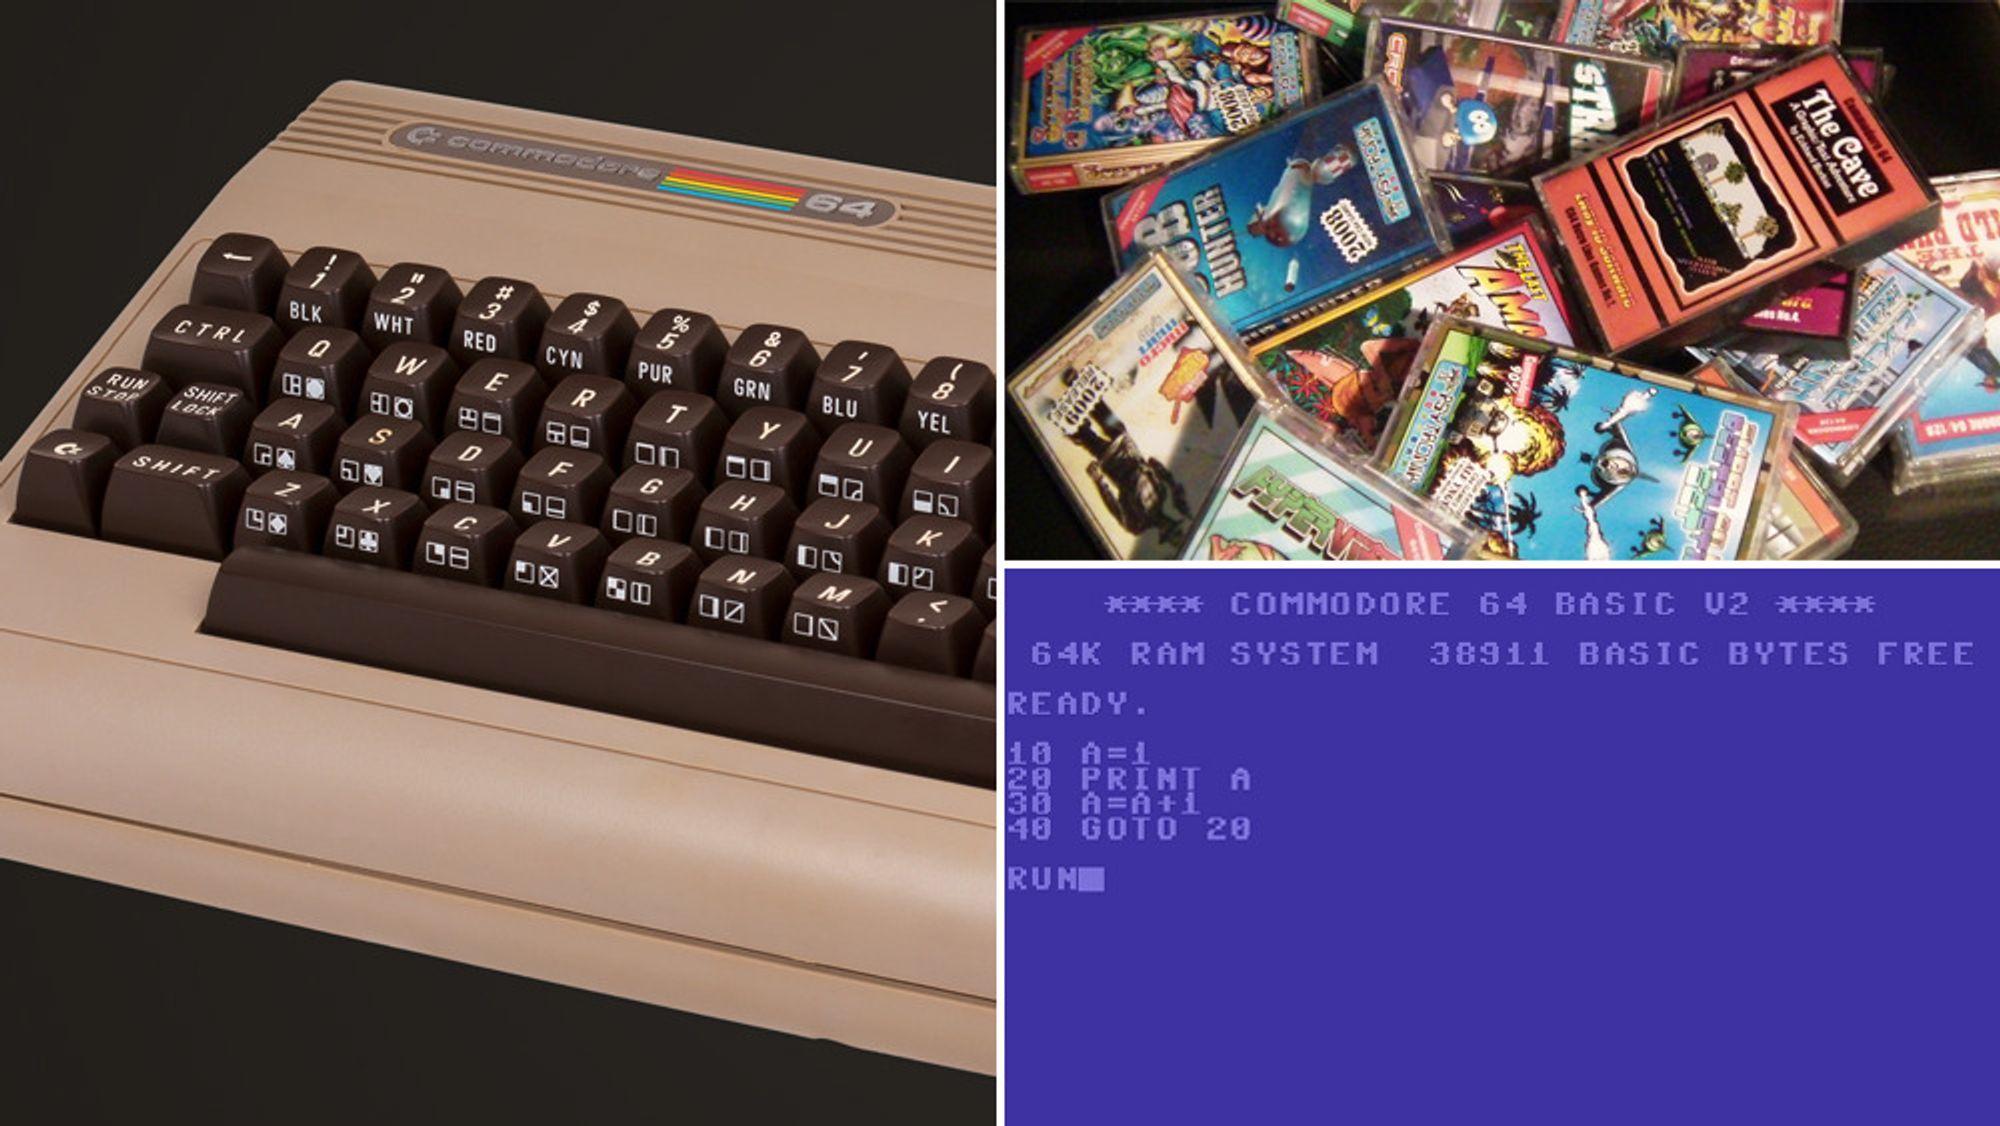 GUIDE: Commodore 64